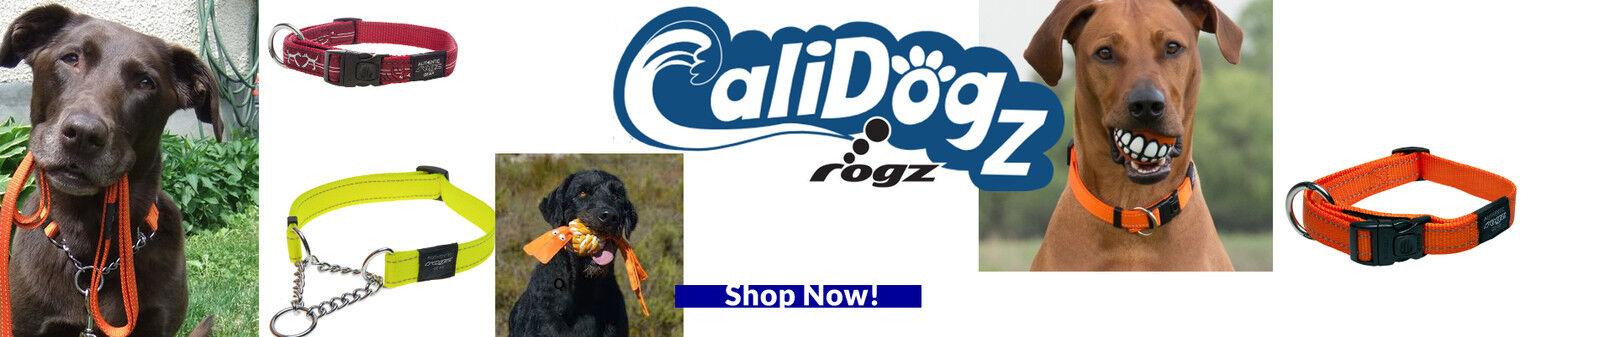 Rogz by CaliDogz - Quality Pet Gear